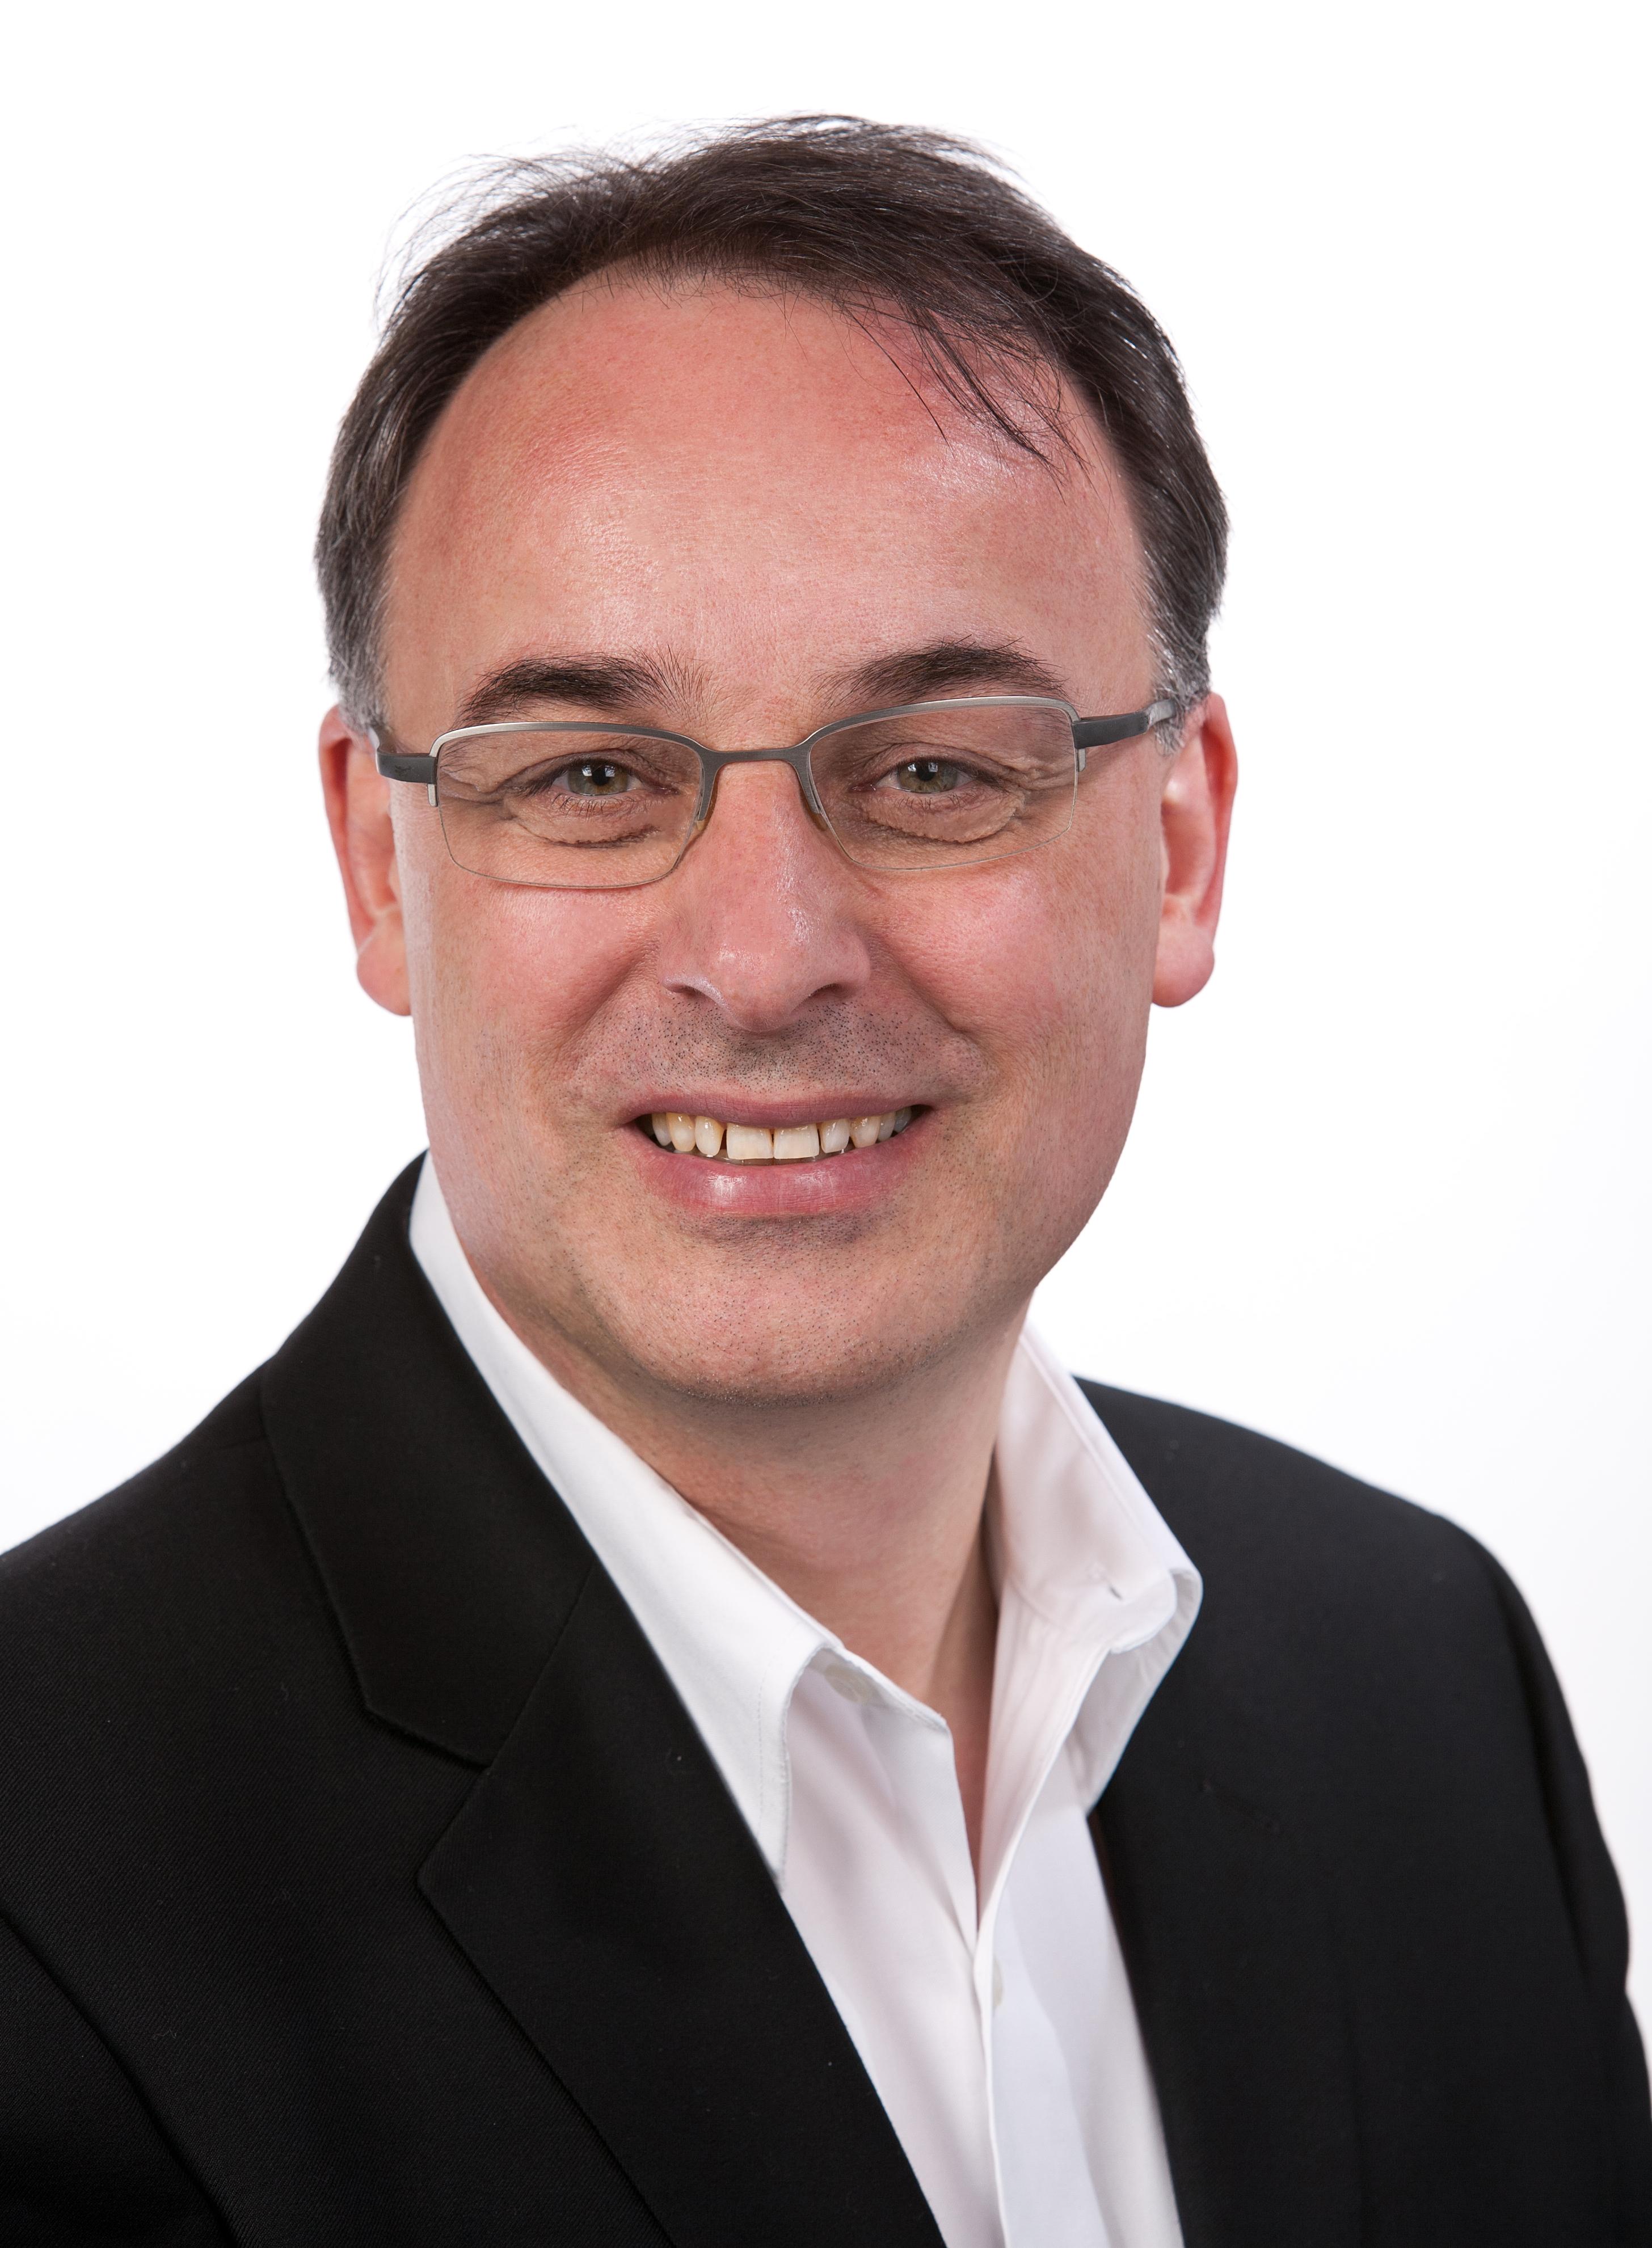 Wolfgang Kandek, CTO Qualys